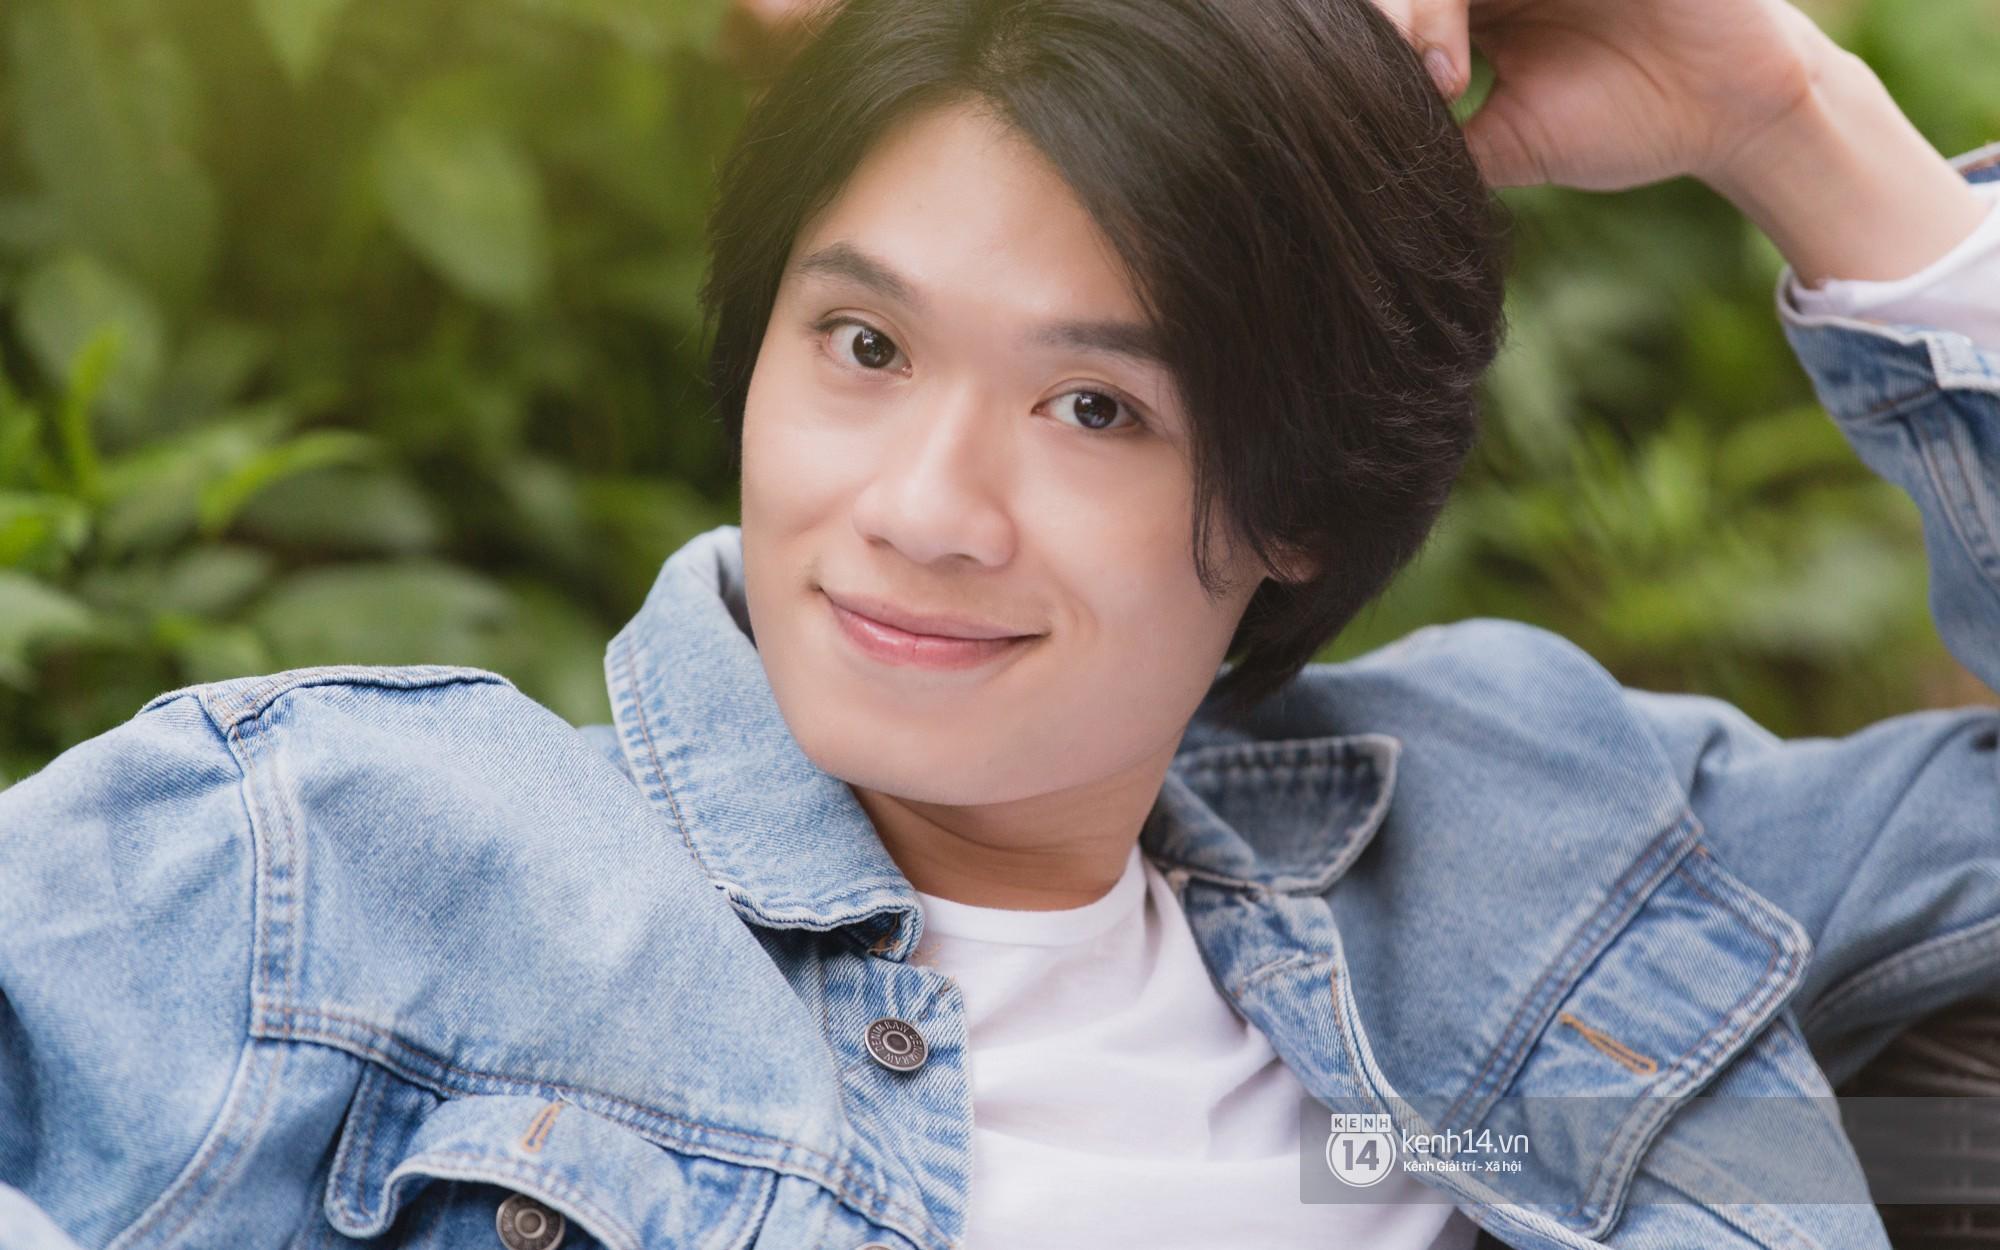 Loạt diễn viên nam thế hệ mới đáng trông chờ của điện ảnh Việt - Ảnh 15.